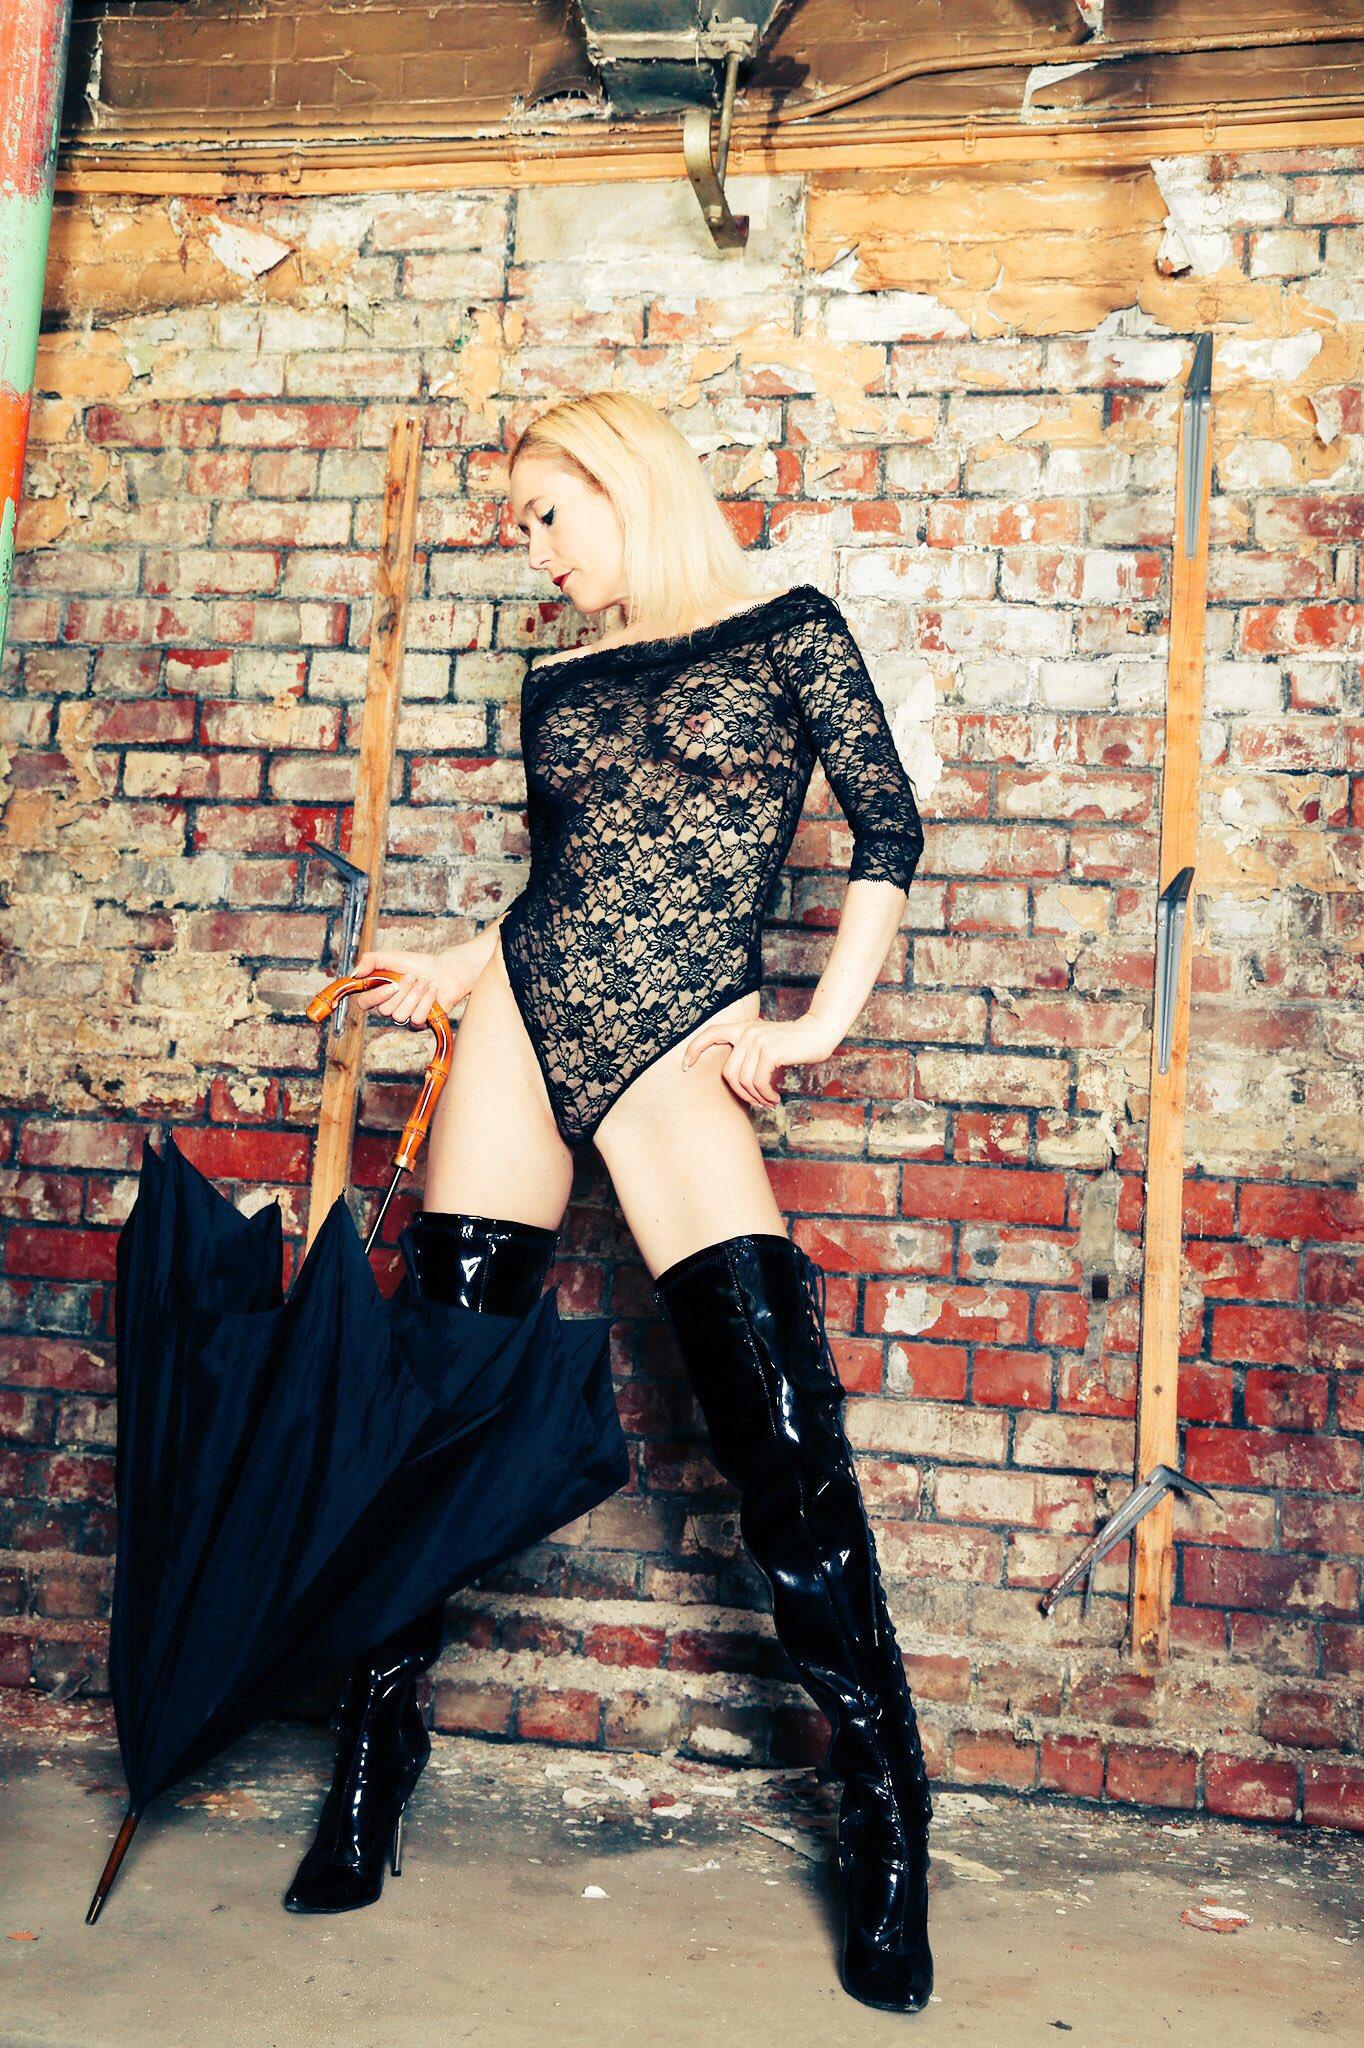 london-mistress-luci-on-tour